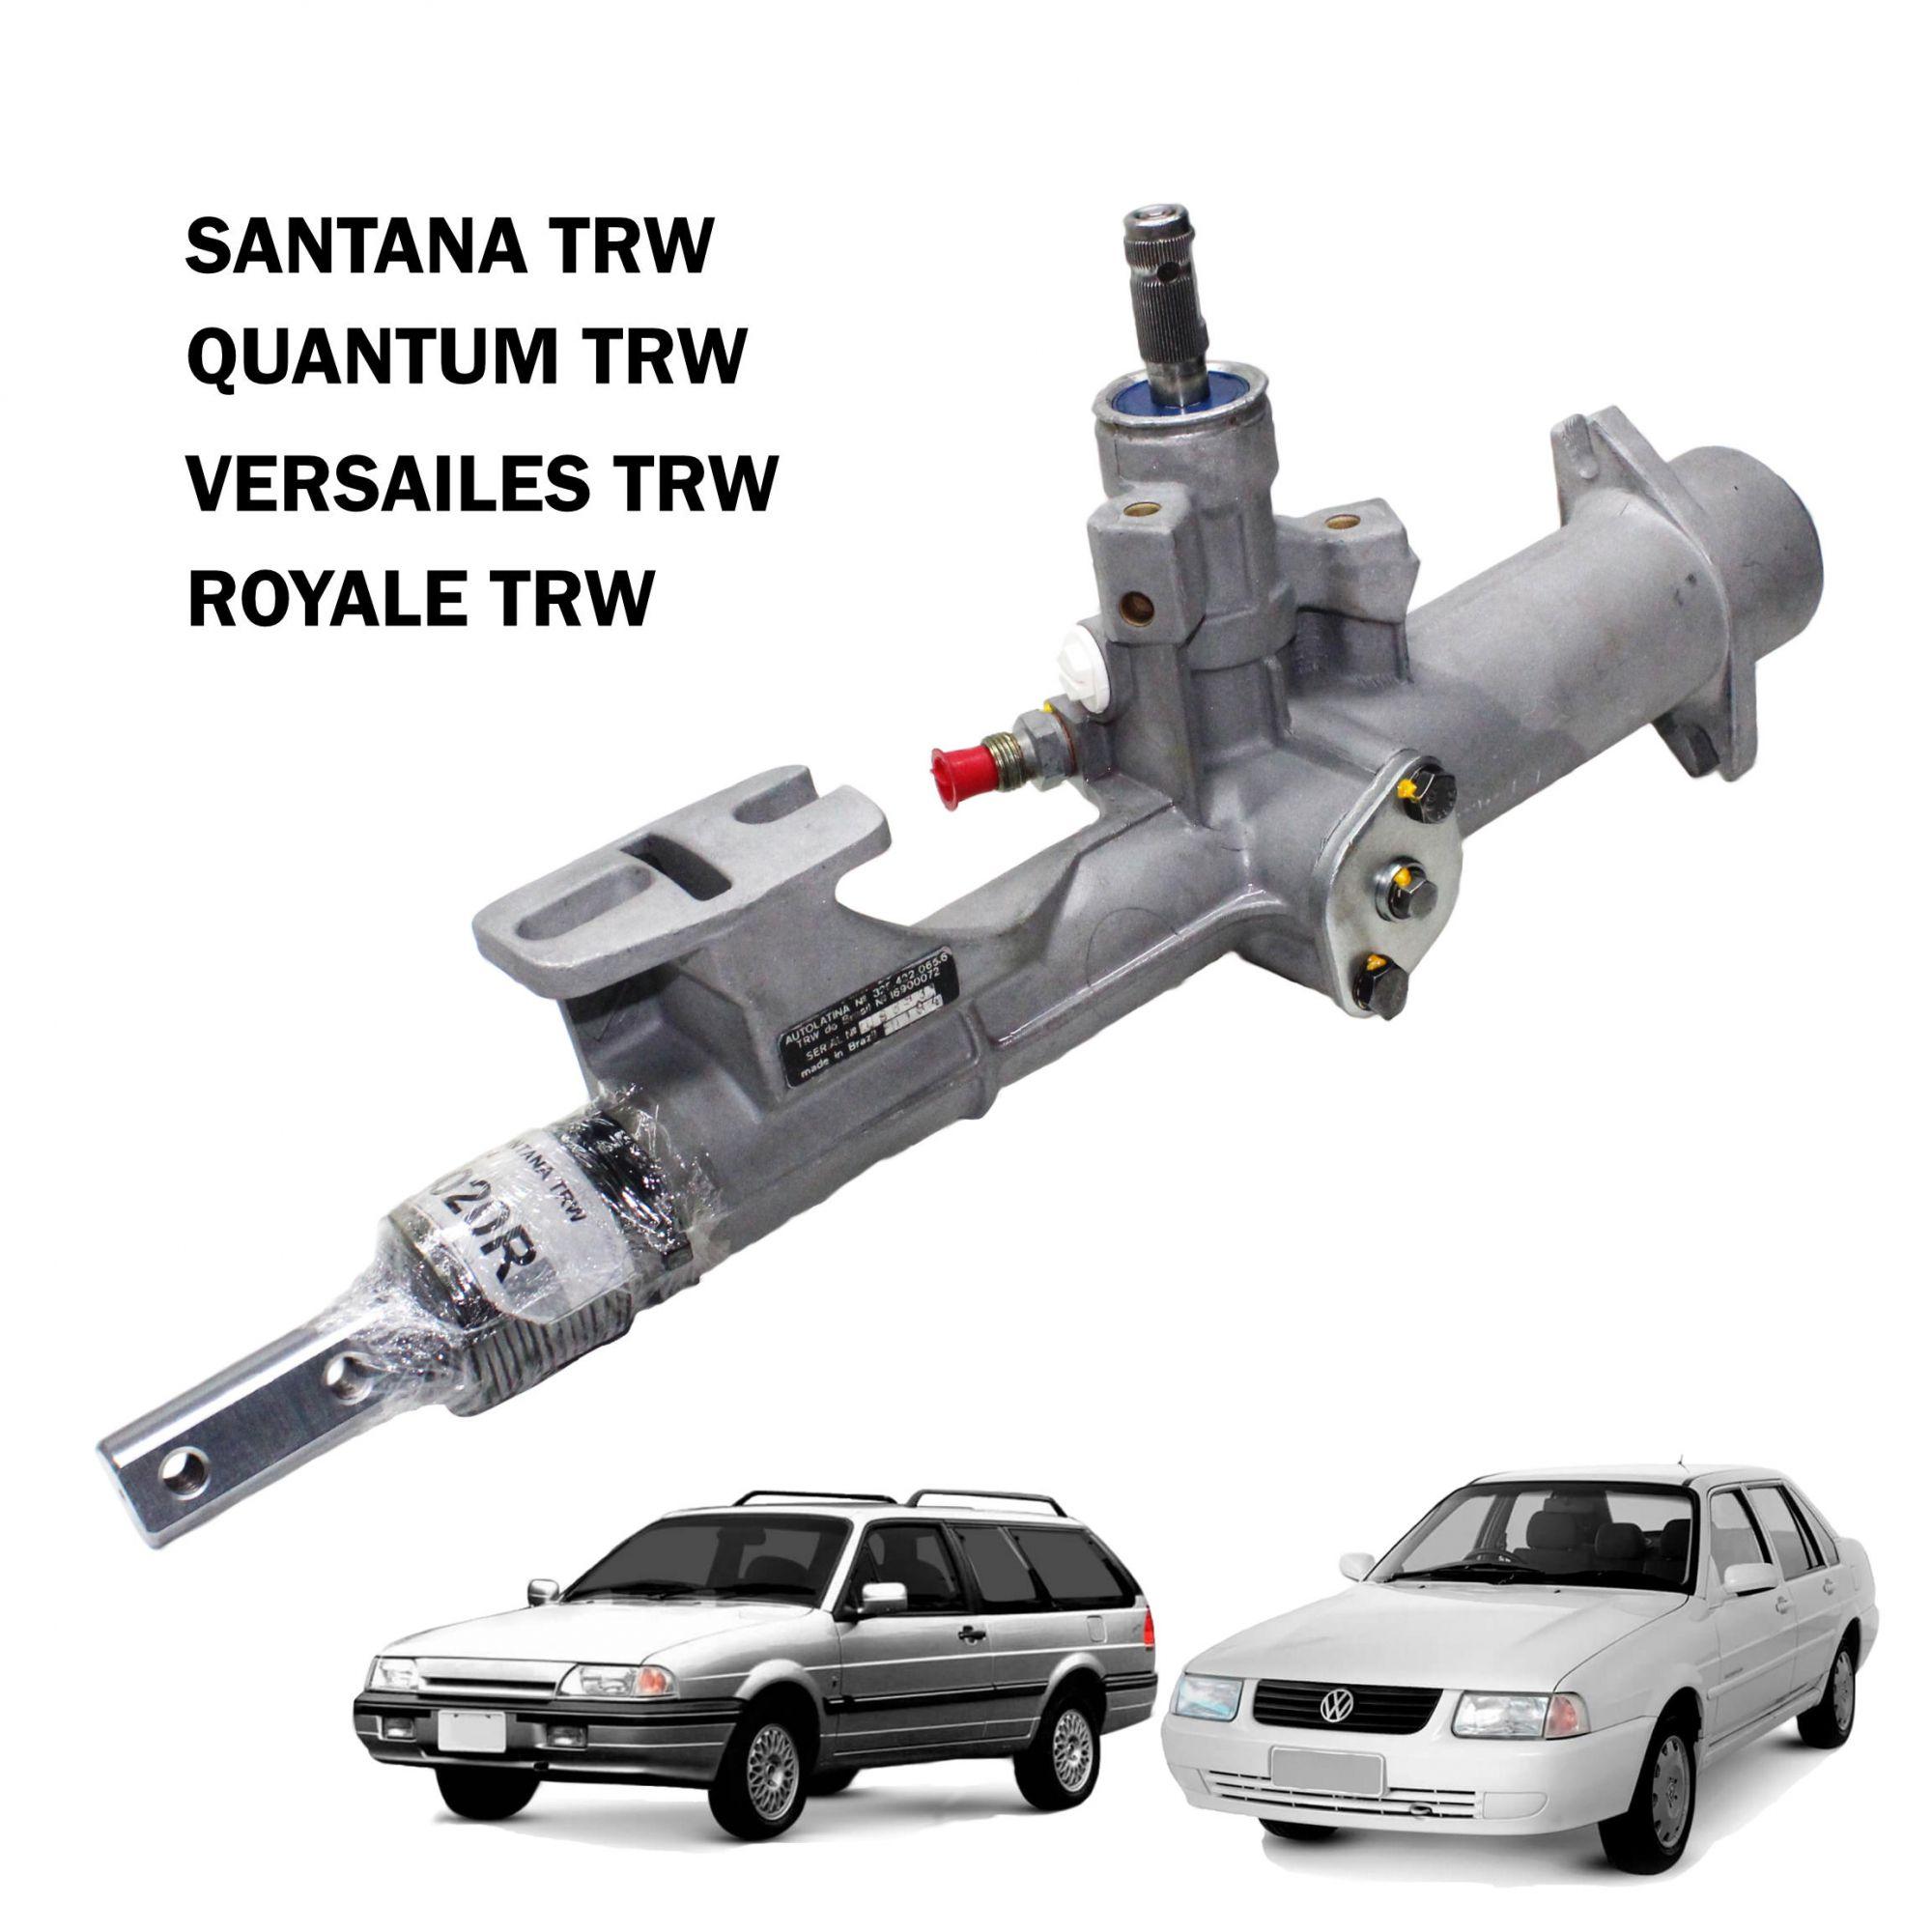 Caixa Direção Hidraulica TRW Santana, Quantum, Versailes, Royale